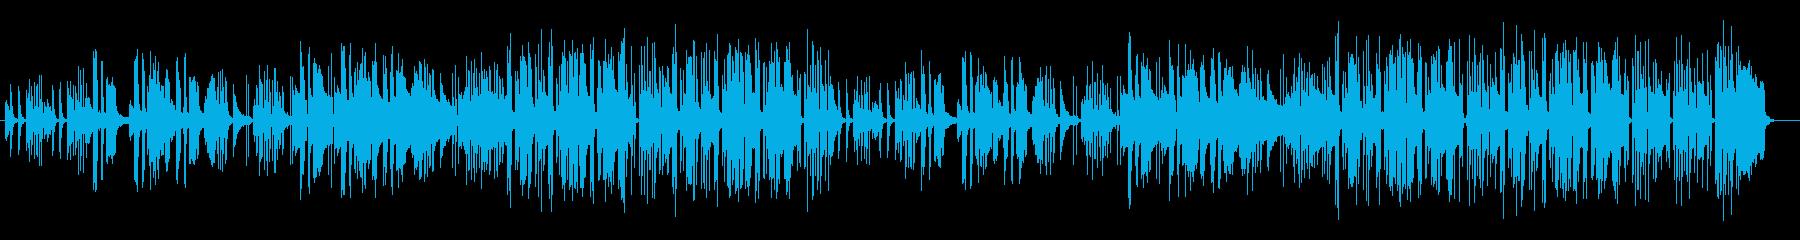 ほのぼのしたのどかなサウンドの再生済みの波形